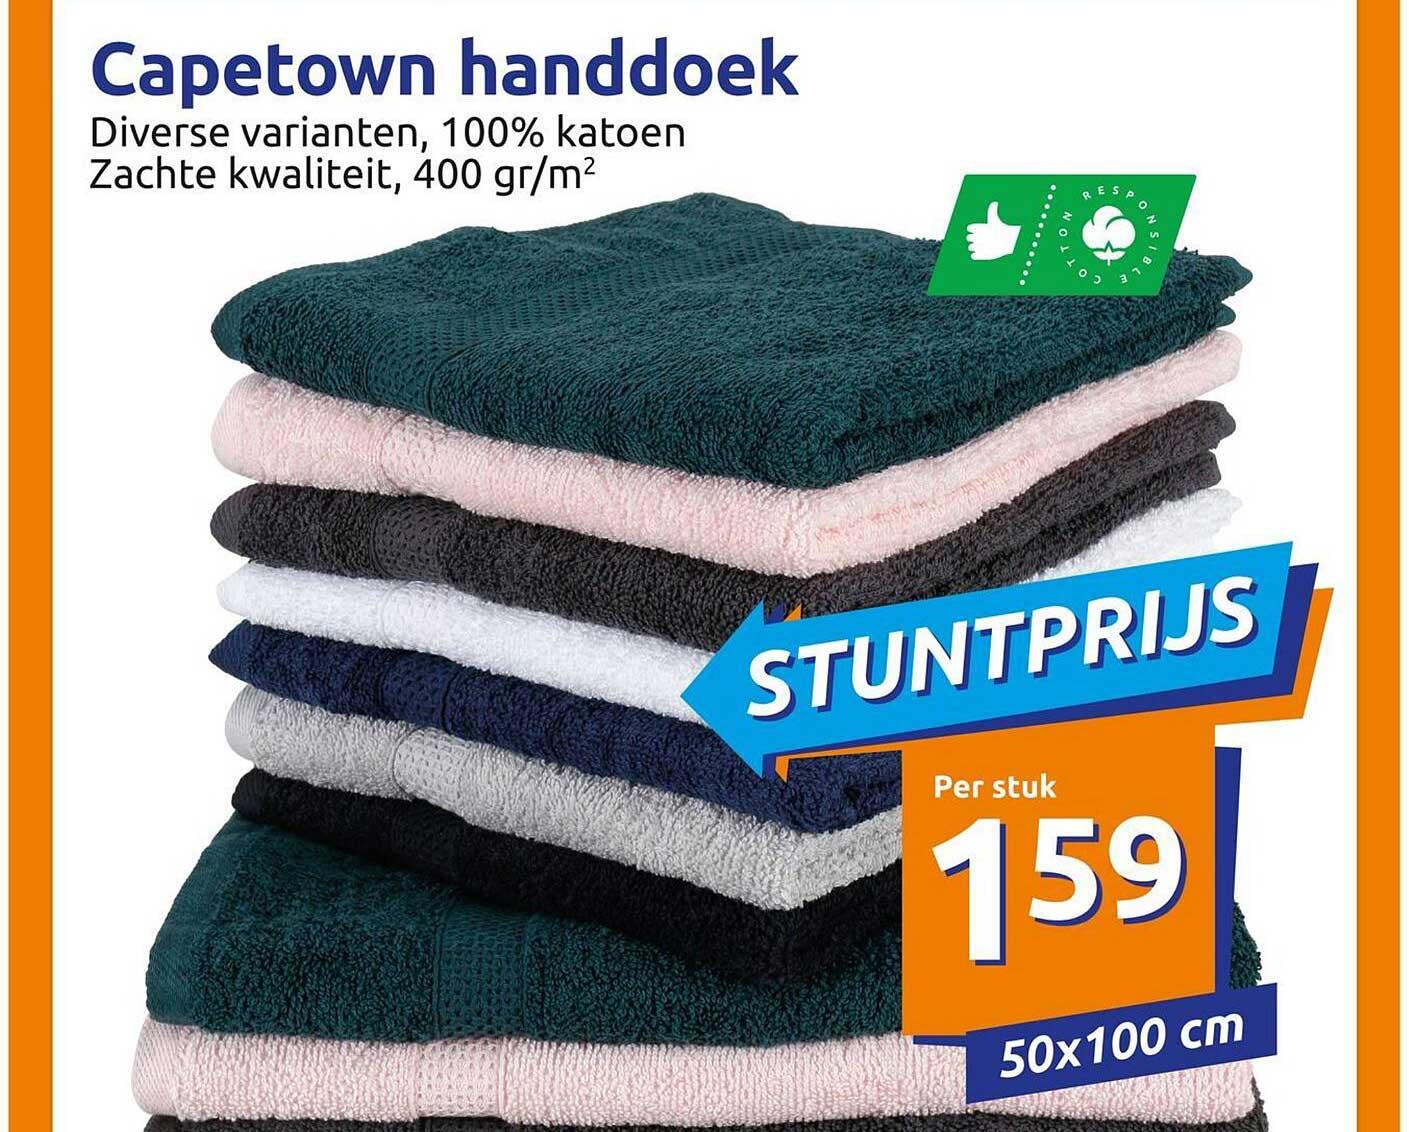 Action Capetown Handdoek